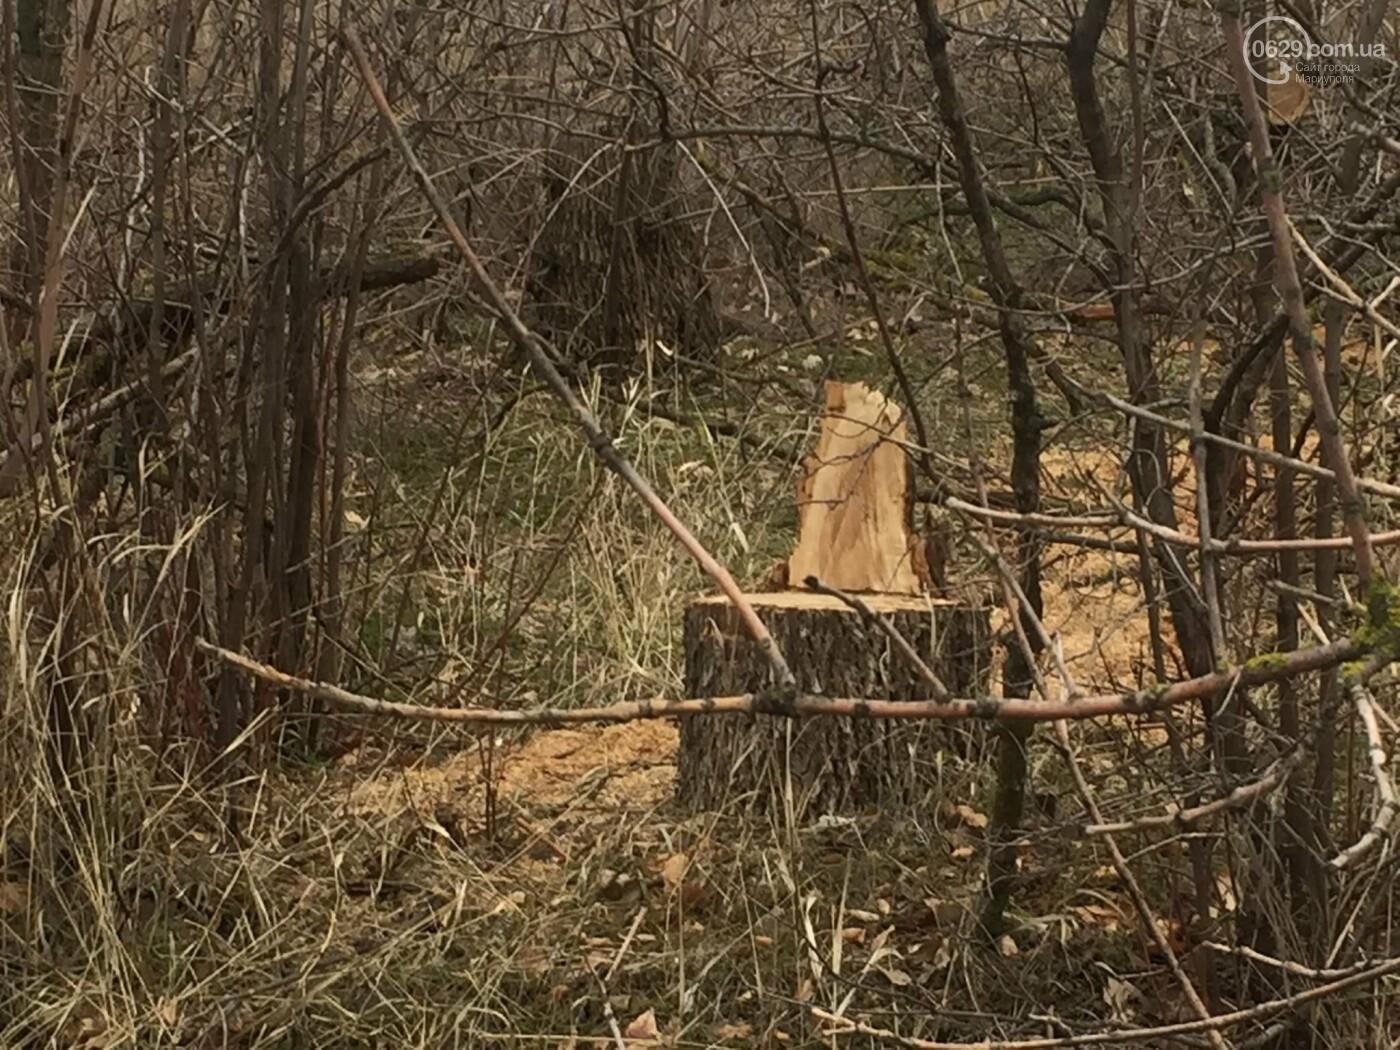 Черные лесорубы: в Мариуполе  беспощадно уничтожается лесополоса на дороге для европейцев, - ФОТО, ВИДЕО, фото-8